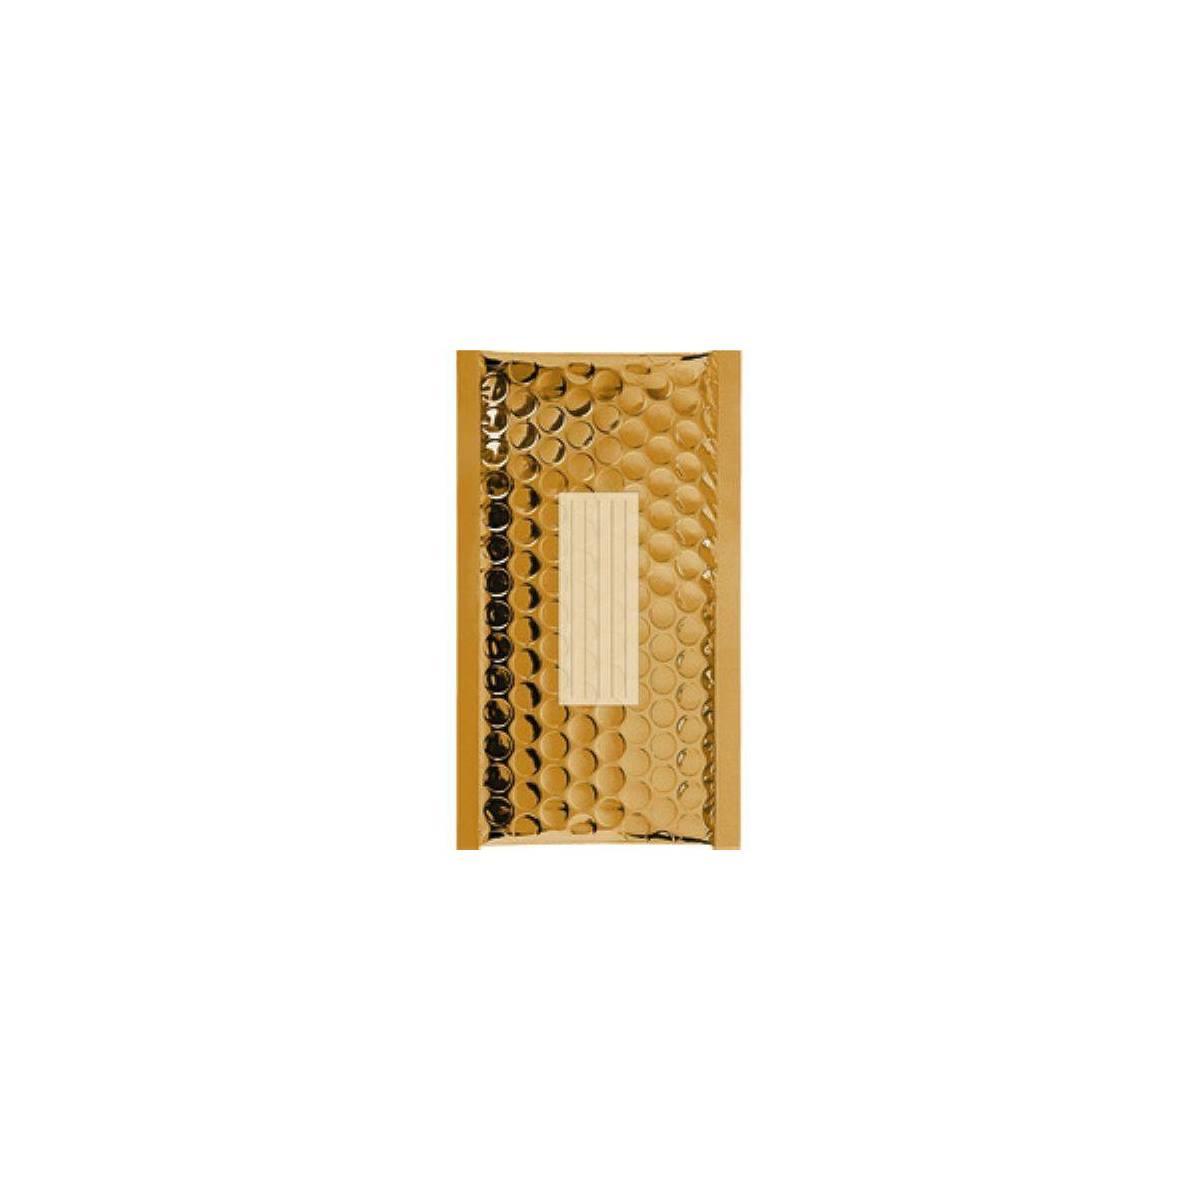 100 Enveloppes Bulles Métalisées PRO B/00-210 x 120 mm Premium (Gold)